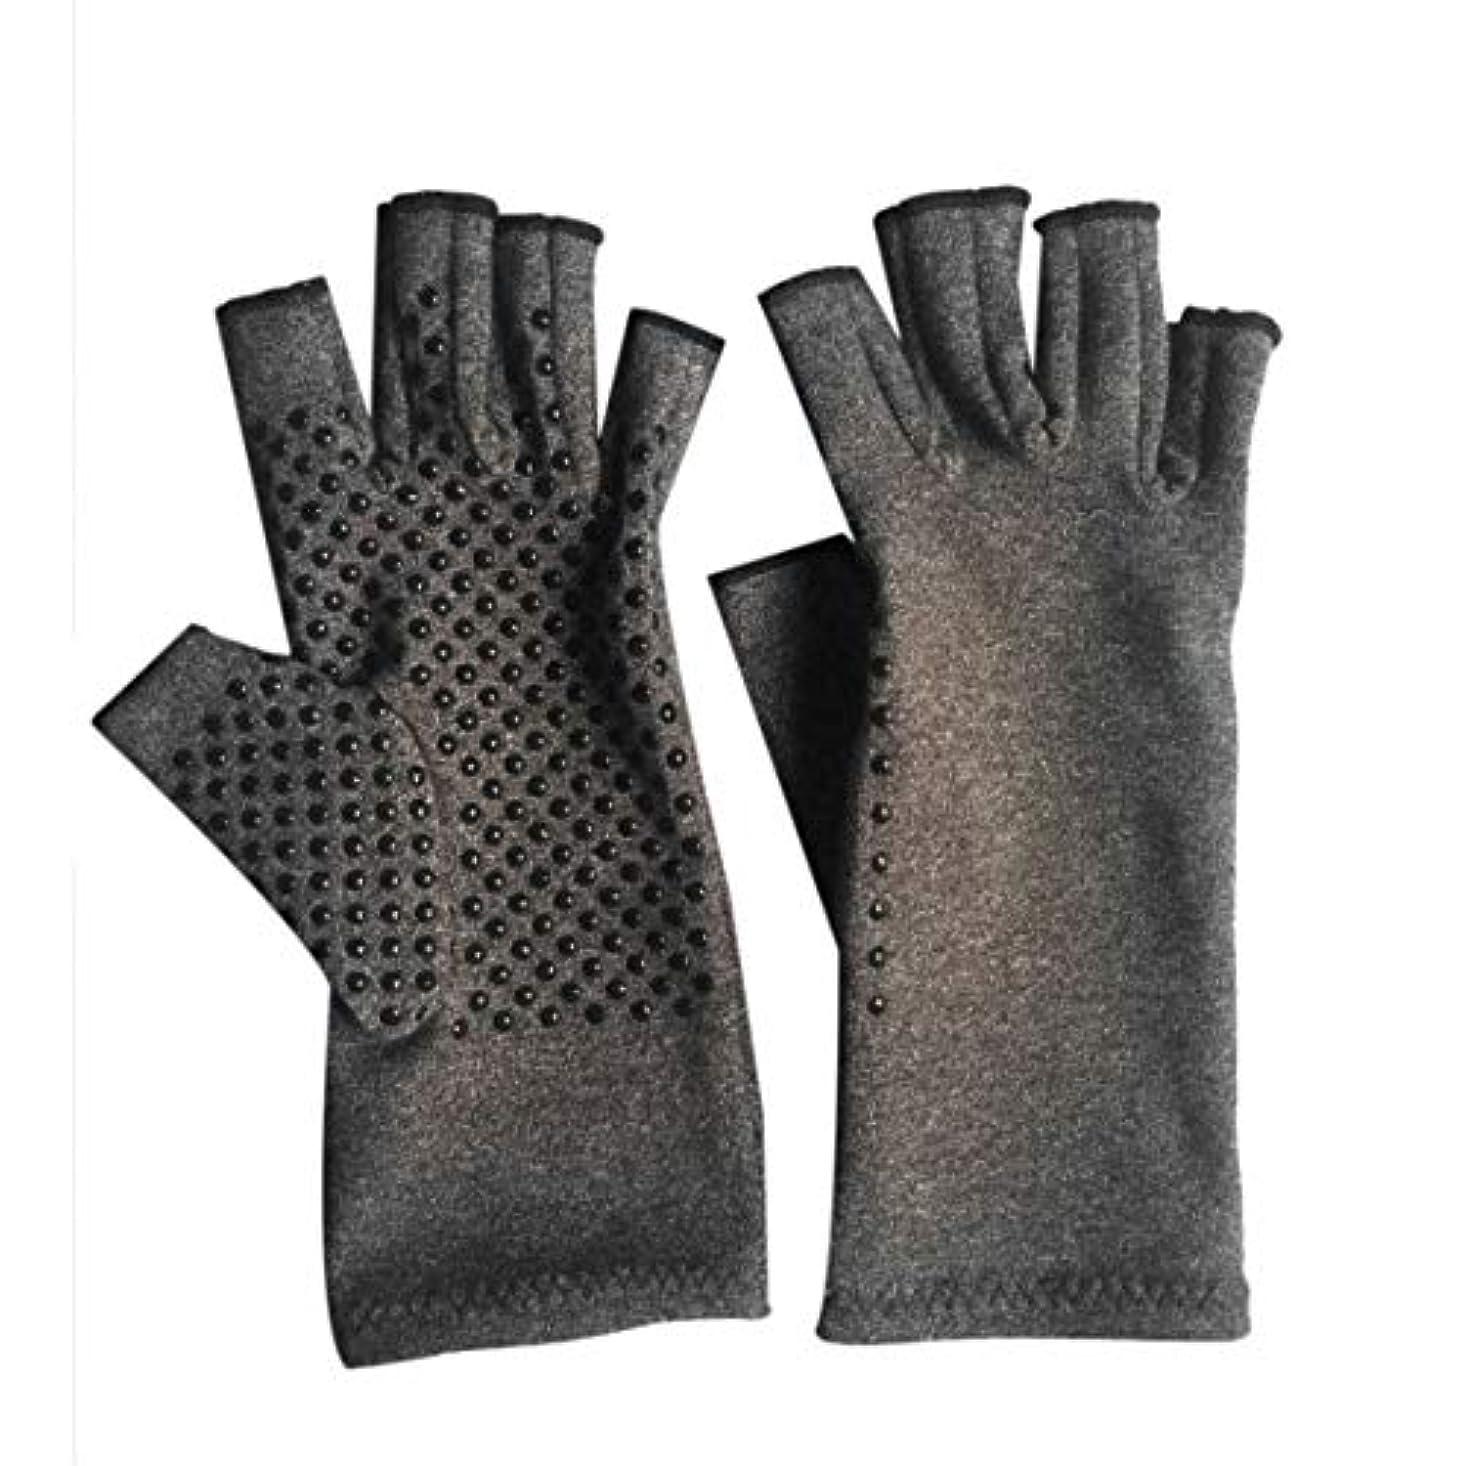 寝室を掃除する役職輪郭1ペアユニセックス男性女性療法圧縮手袋関節炎関節痛緩和ヘルスケア半指手袋トレーニング手袋 - グレーM